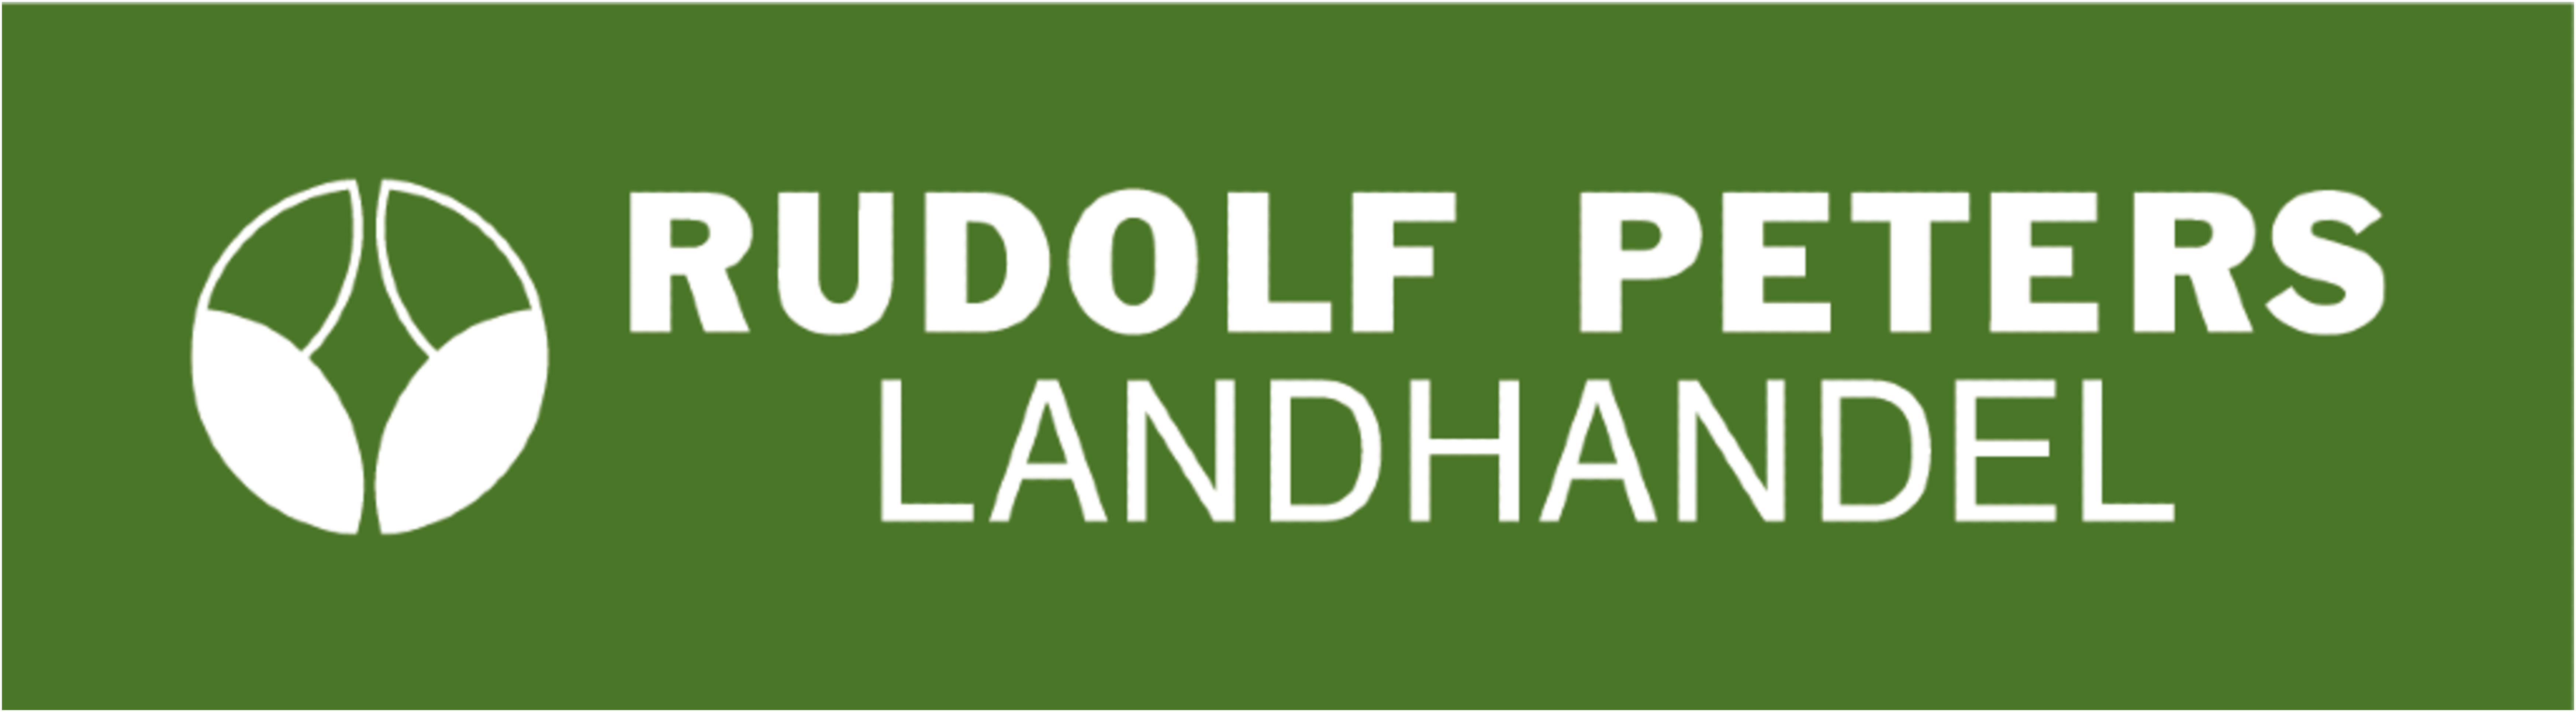 logo Kiebitzmarkt / Rudolf Peters Landhandel